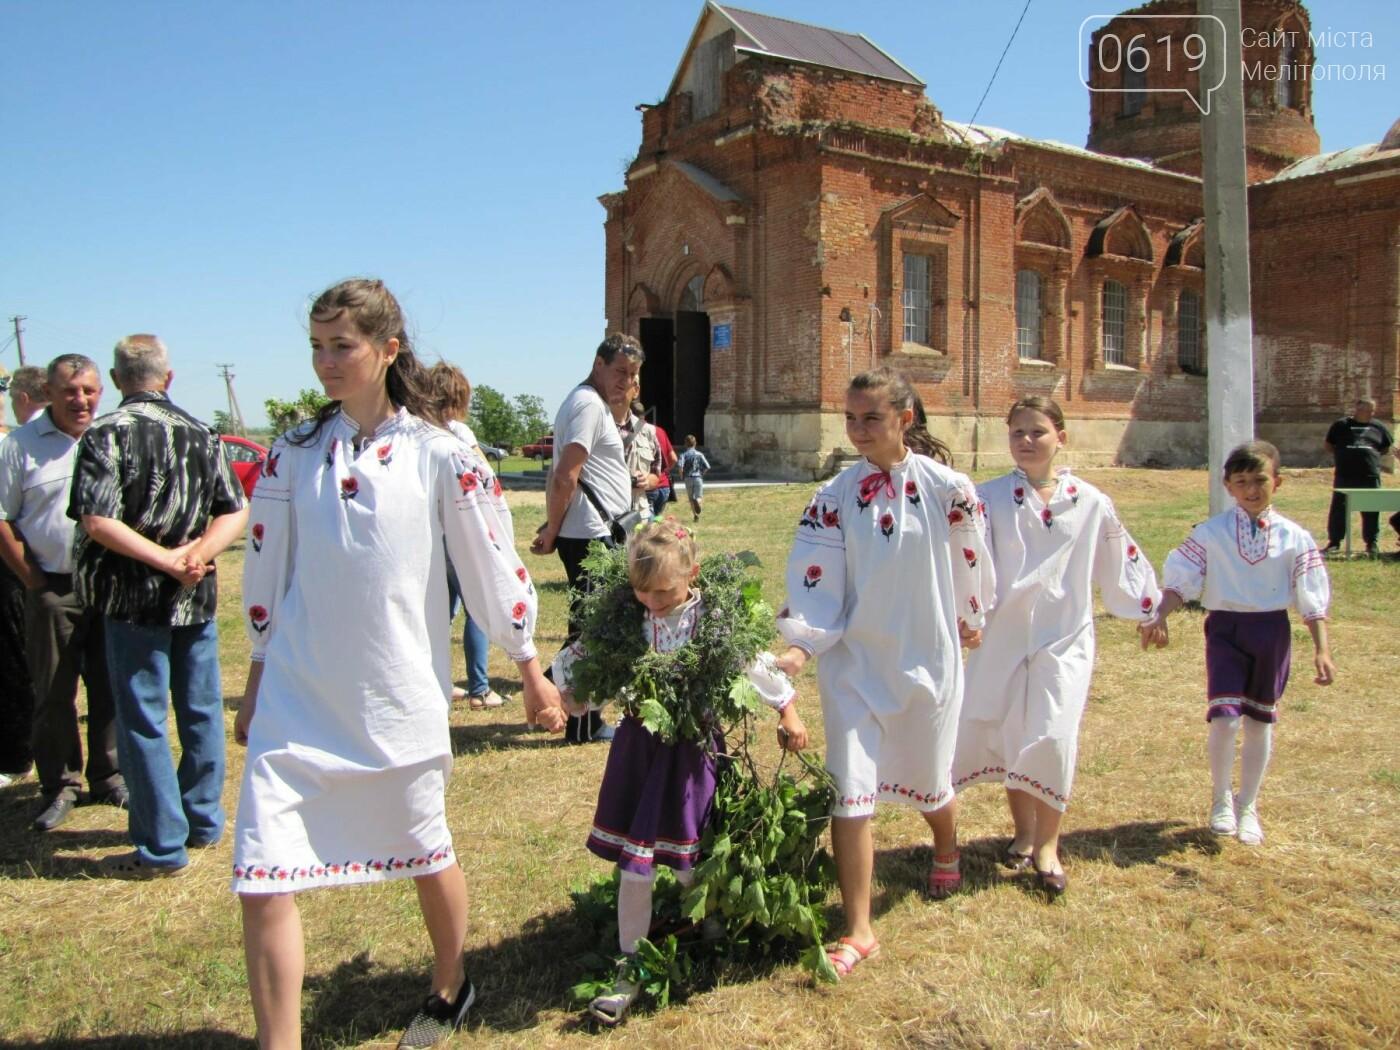 Жители Мелитопольщины отпраздновали Троицу, фото-5